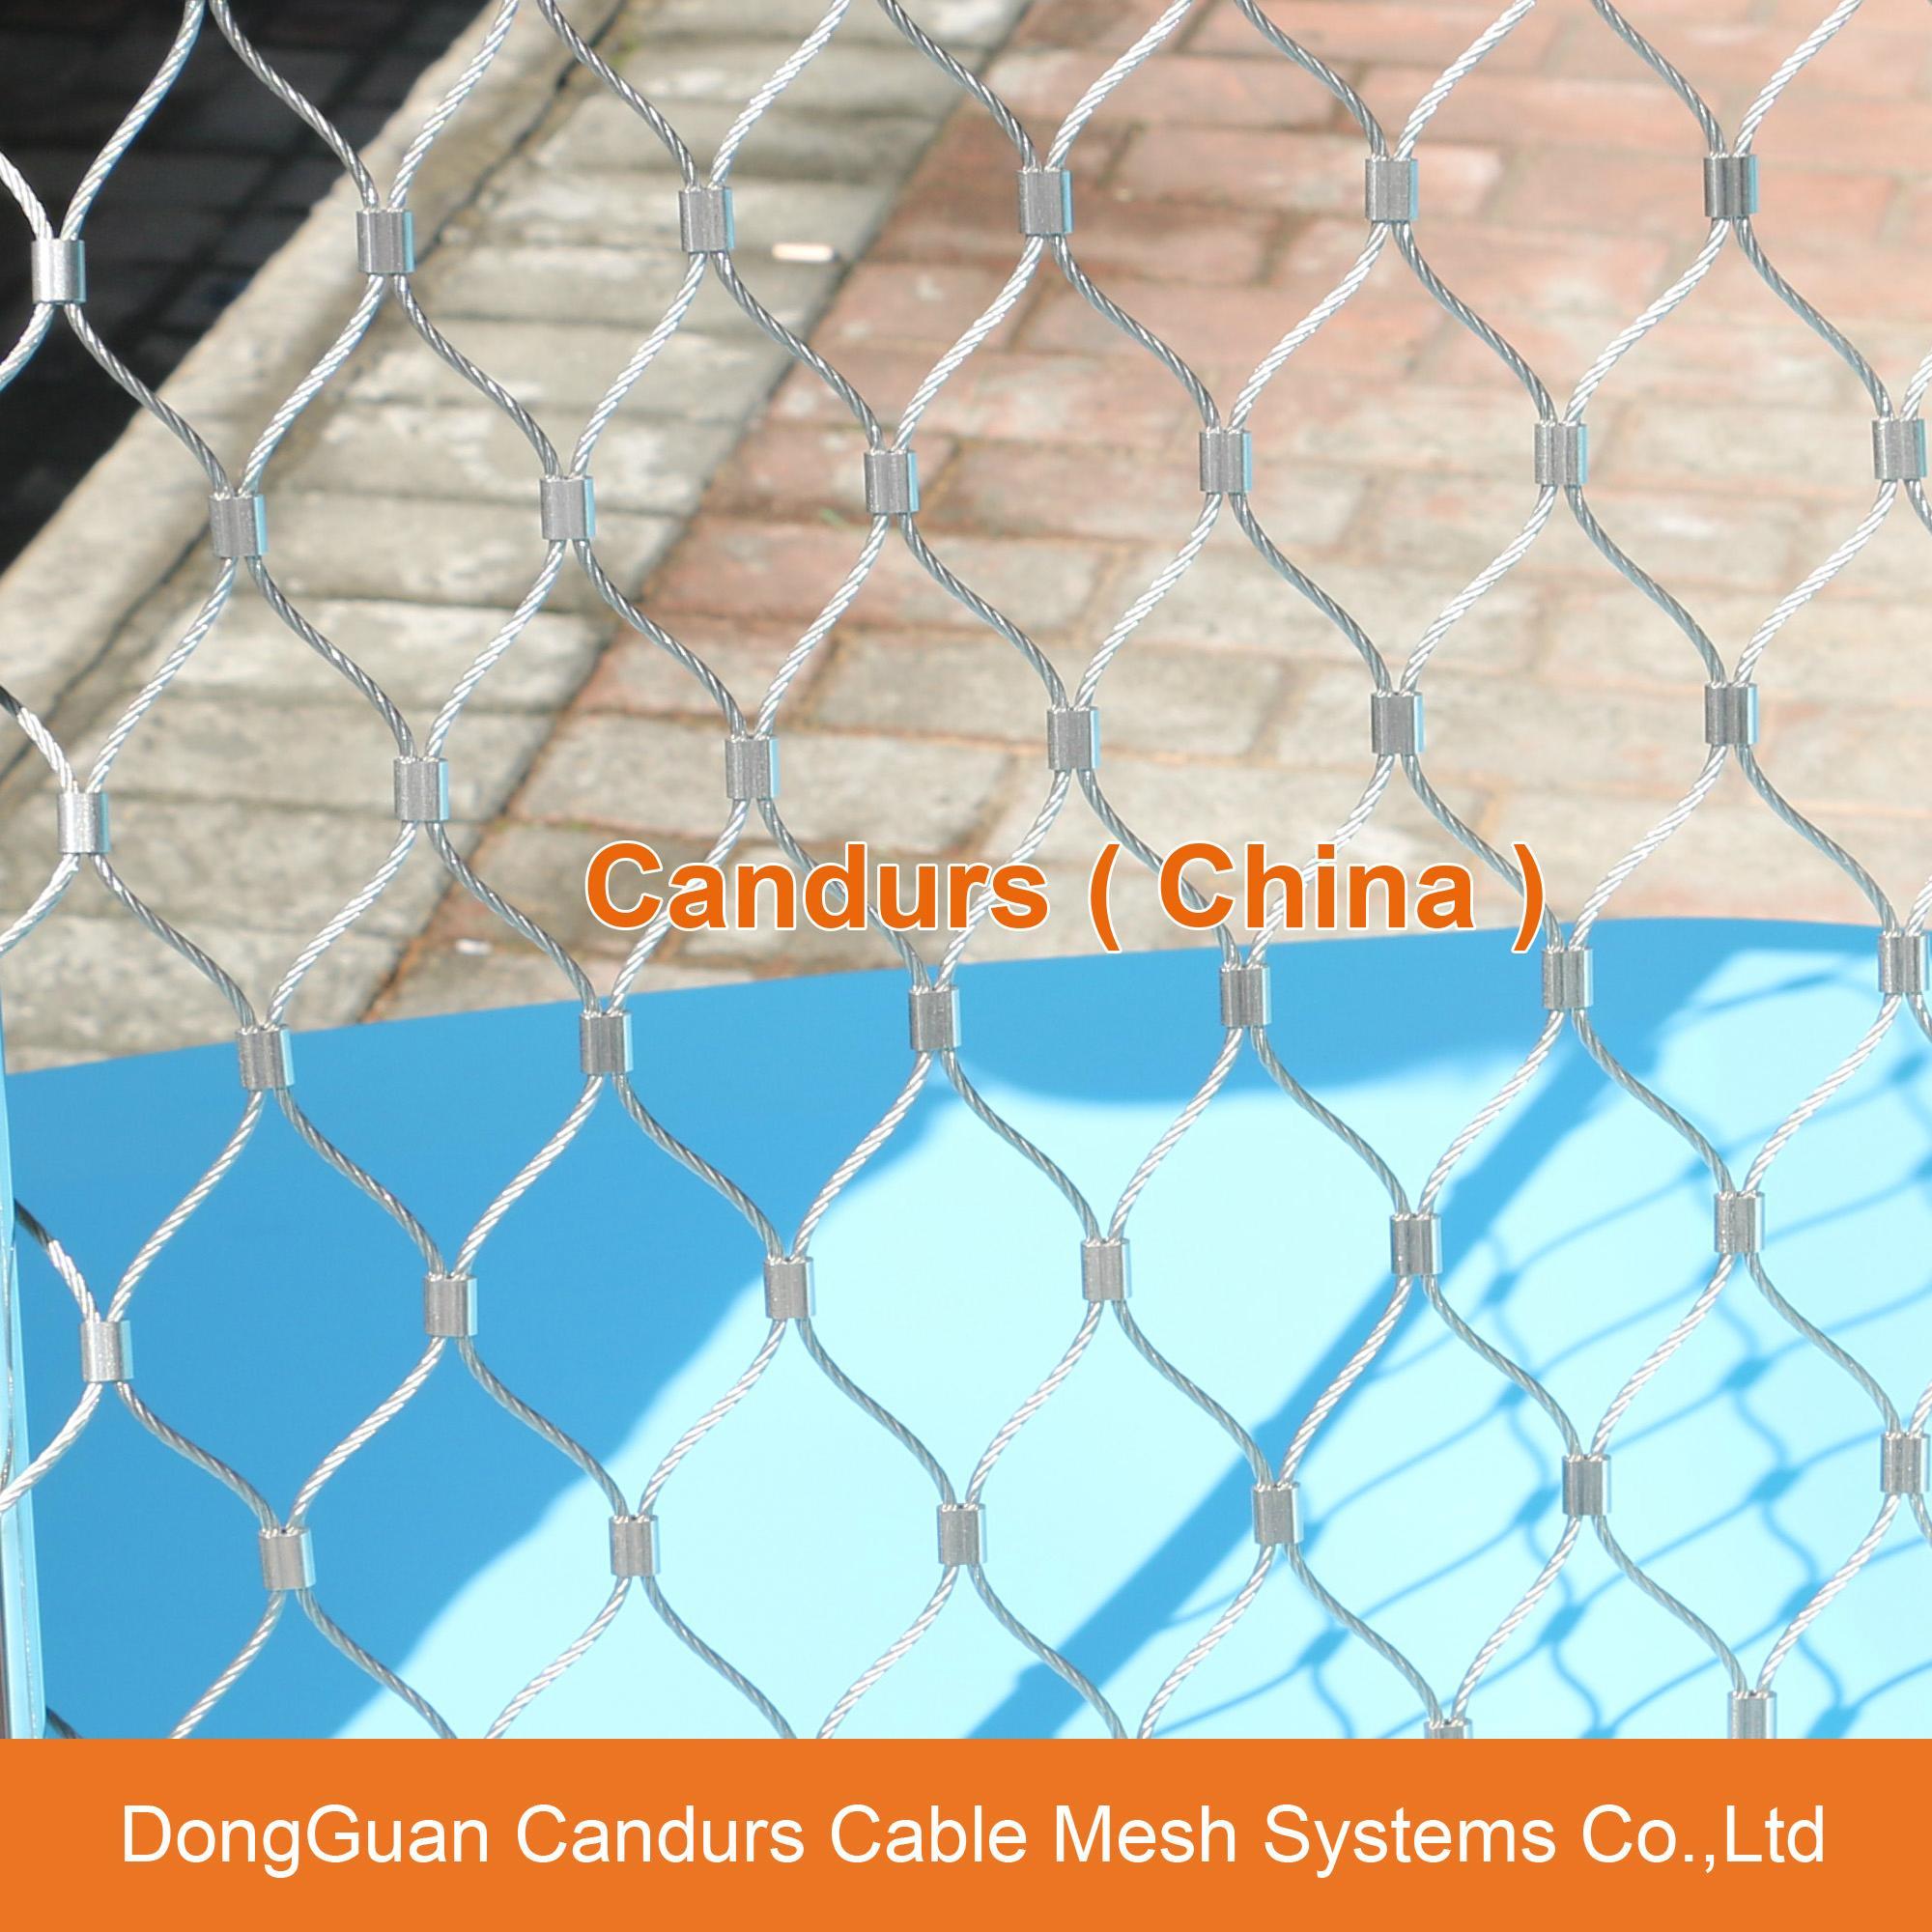 不鏽鋼金屬植物攀爬支撐網 13